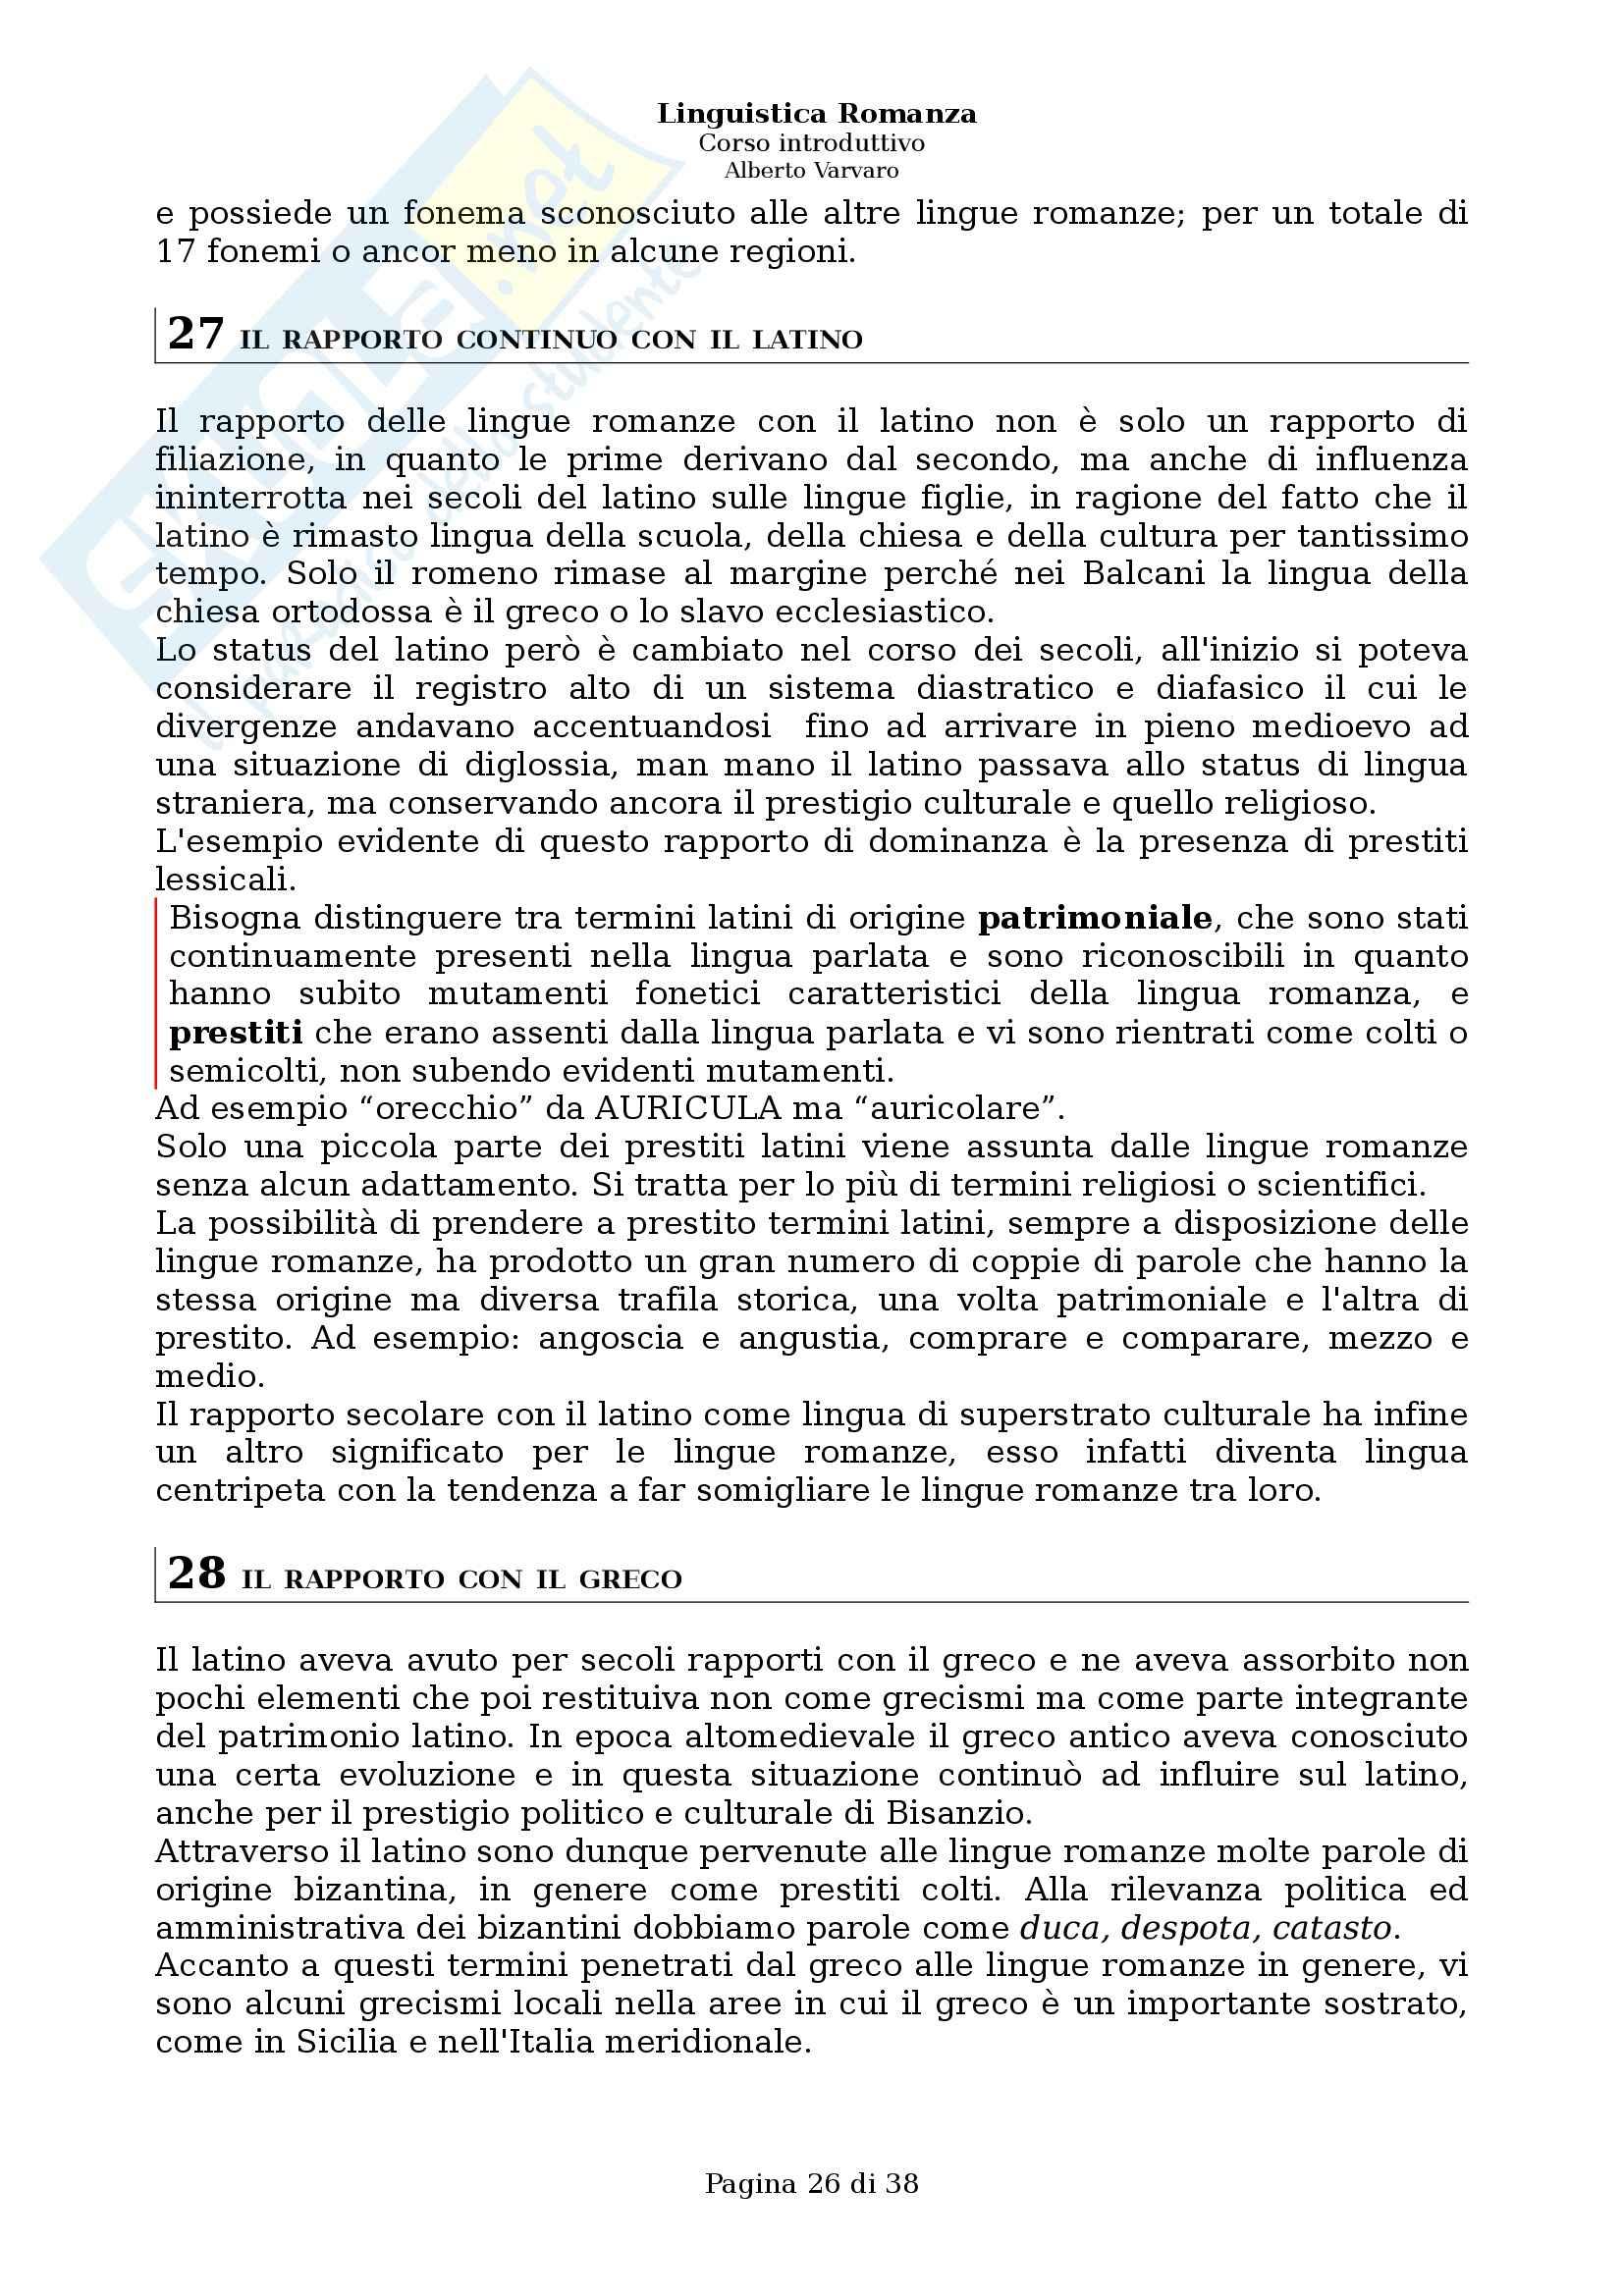 Riassunto esame Filologia e linguistica romanza, Linguistica romanza: Corso introduttivo, A. Varvaro, prof. Asperti Pag. 26